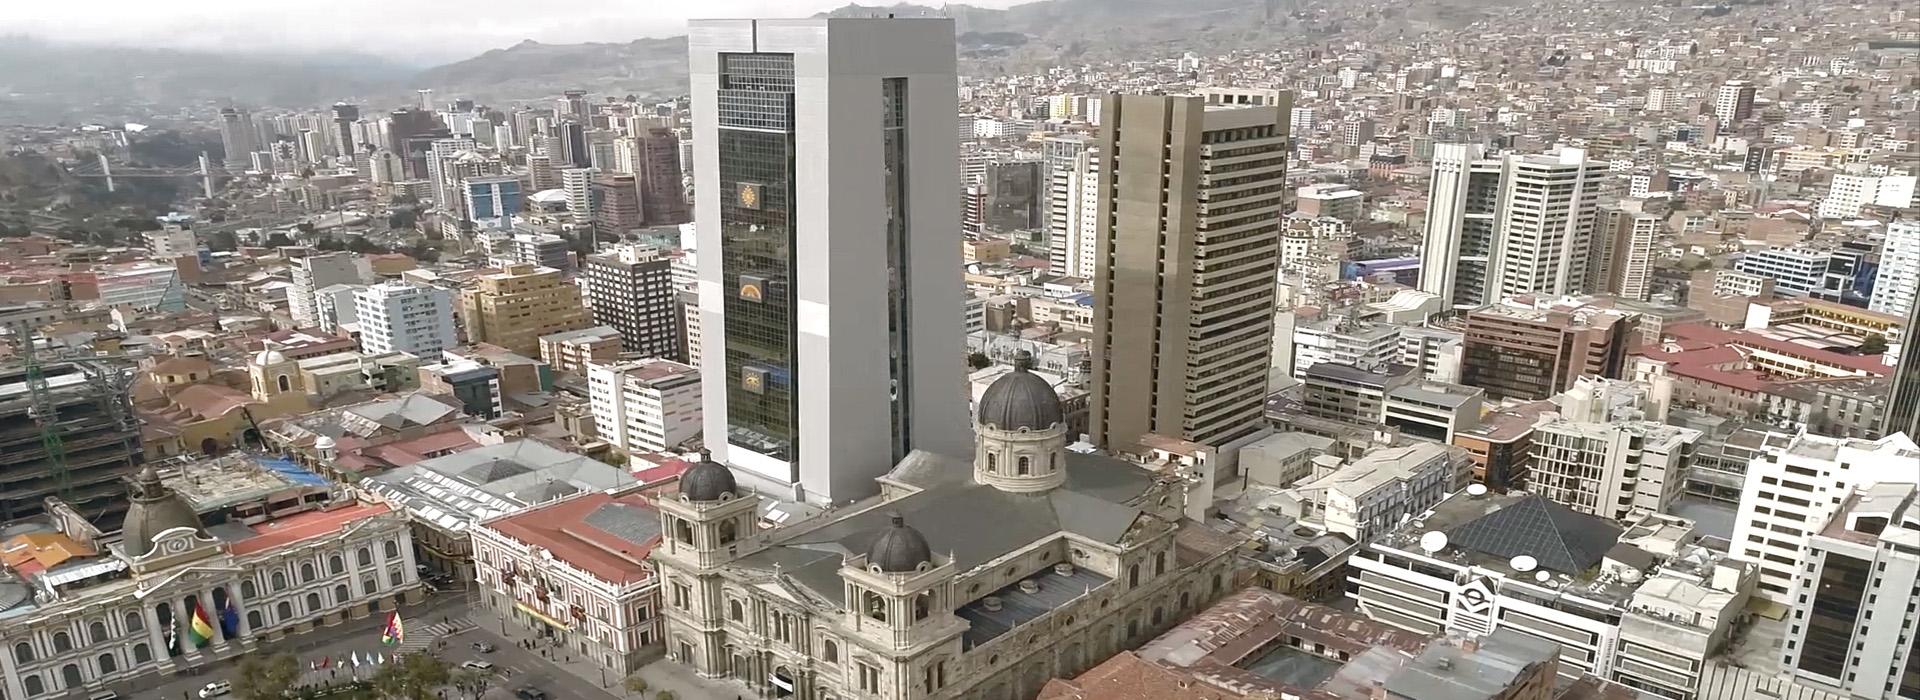 <small></small>CASA GRANDE DEL PUEBLO